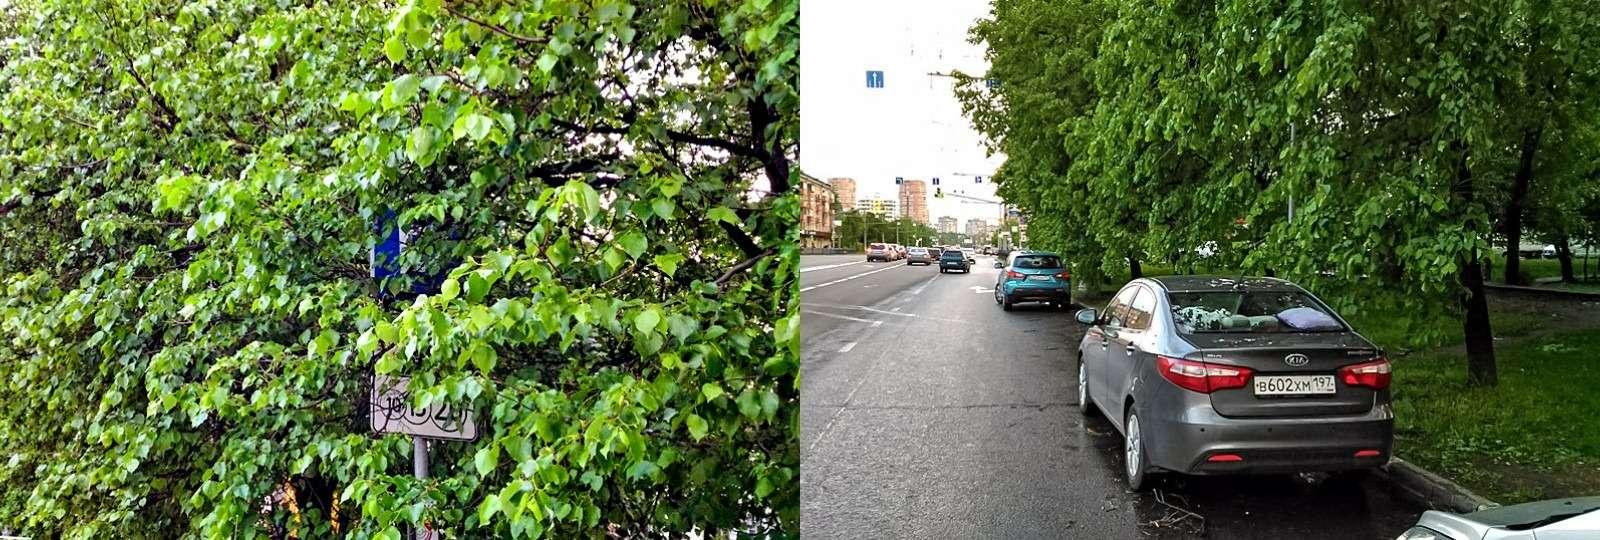 Победить эвакуаторщиков, или Как деревья помогли отбить штраф— фото 776142